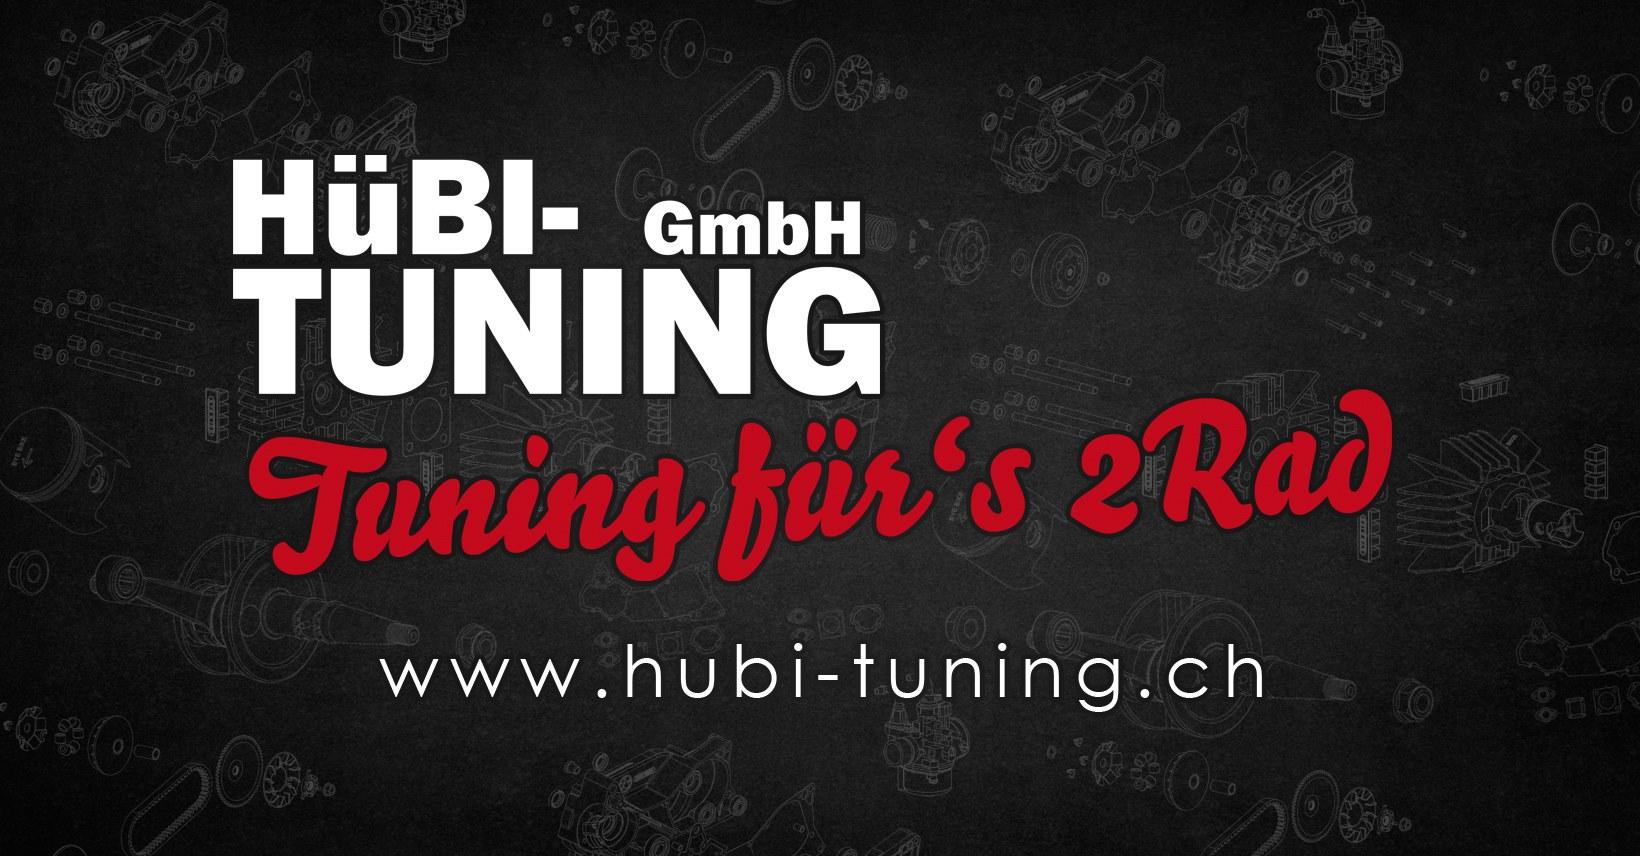 HüBI TUNING GmbH